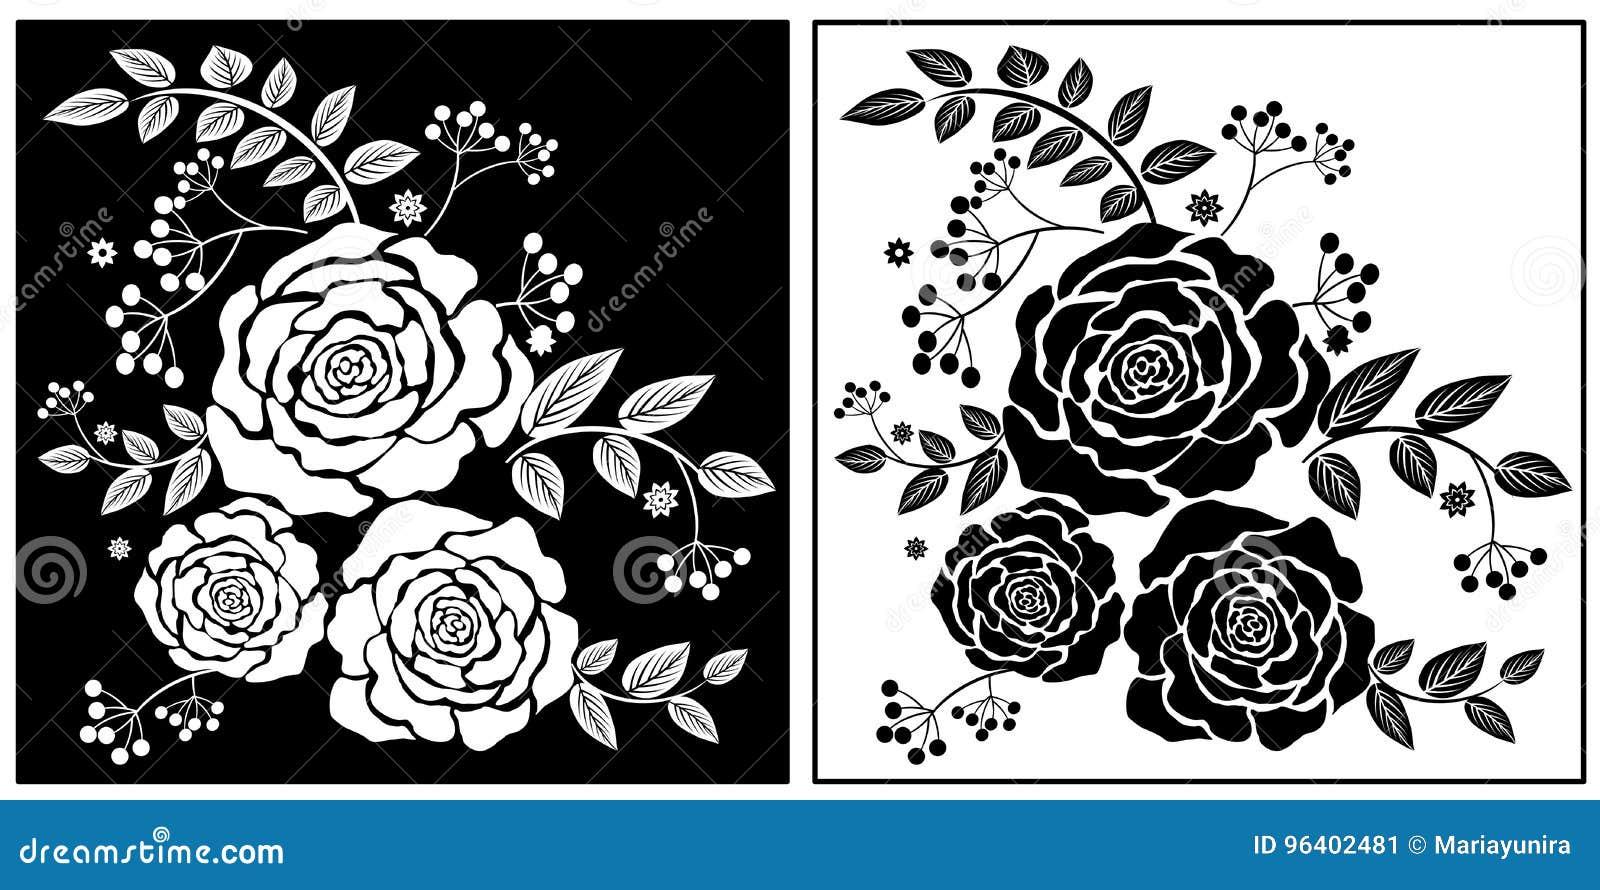 Fiori Bianchi E Neri.Fiori Bianchi Neri Illustrazione Di Stock Illustrazione Di